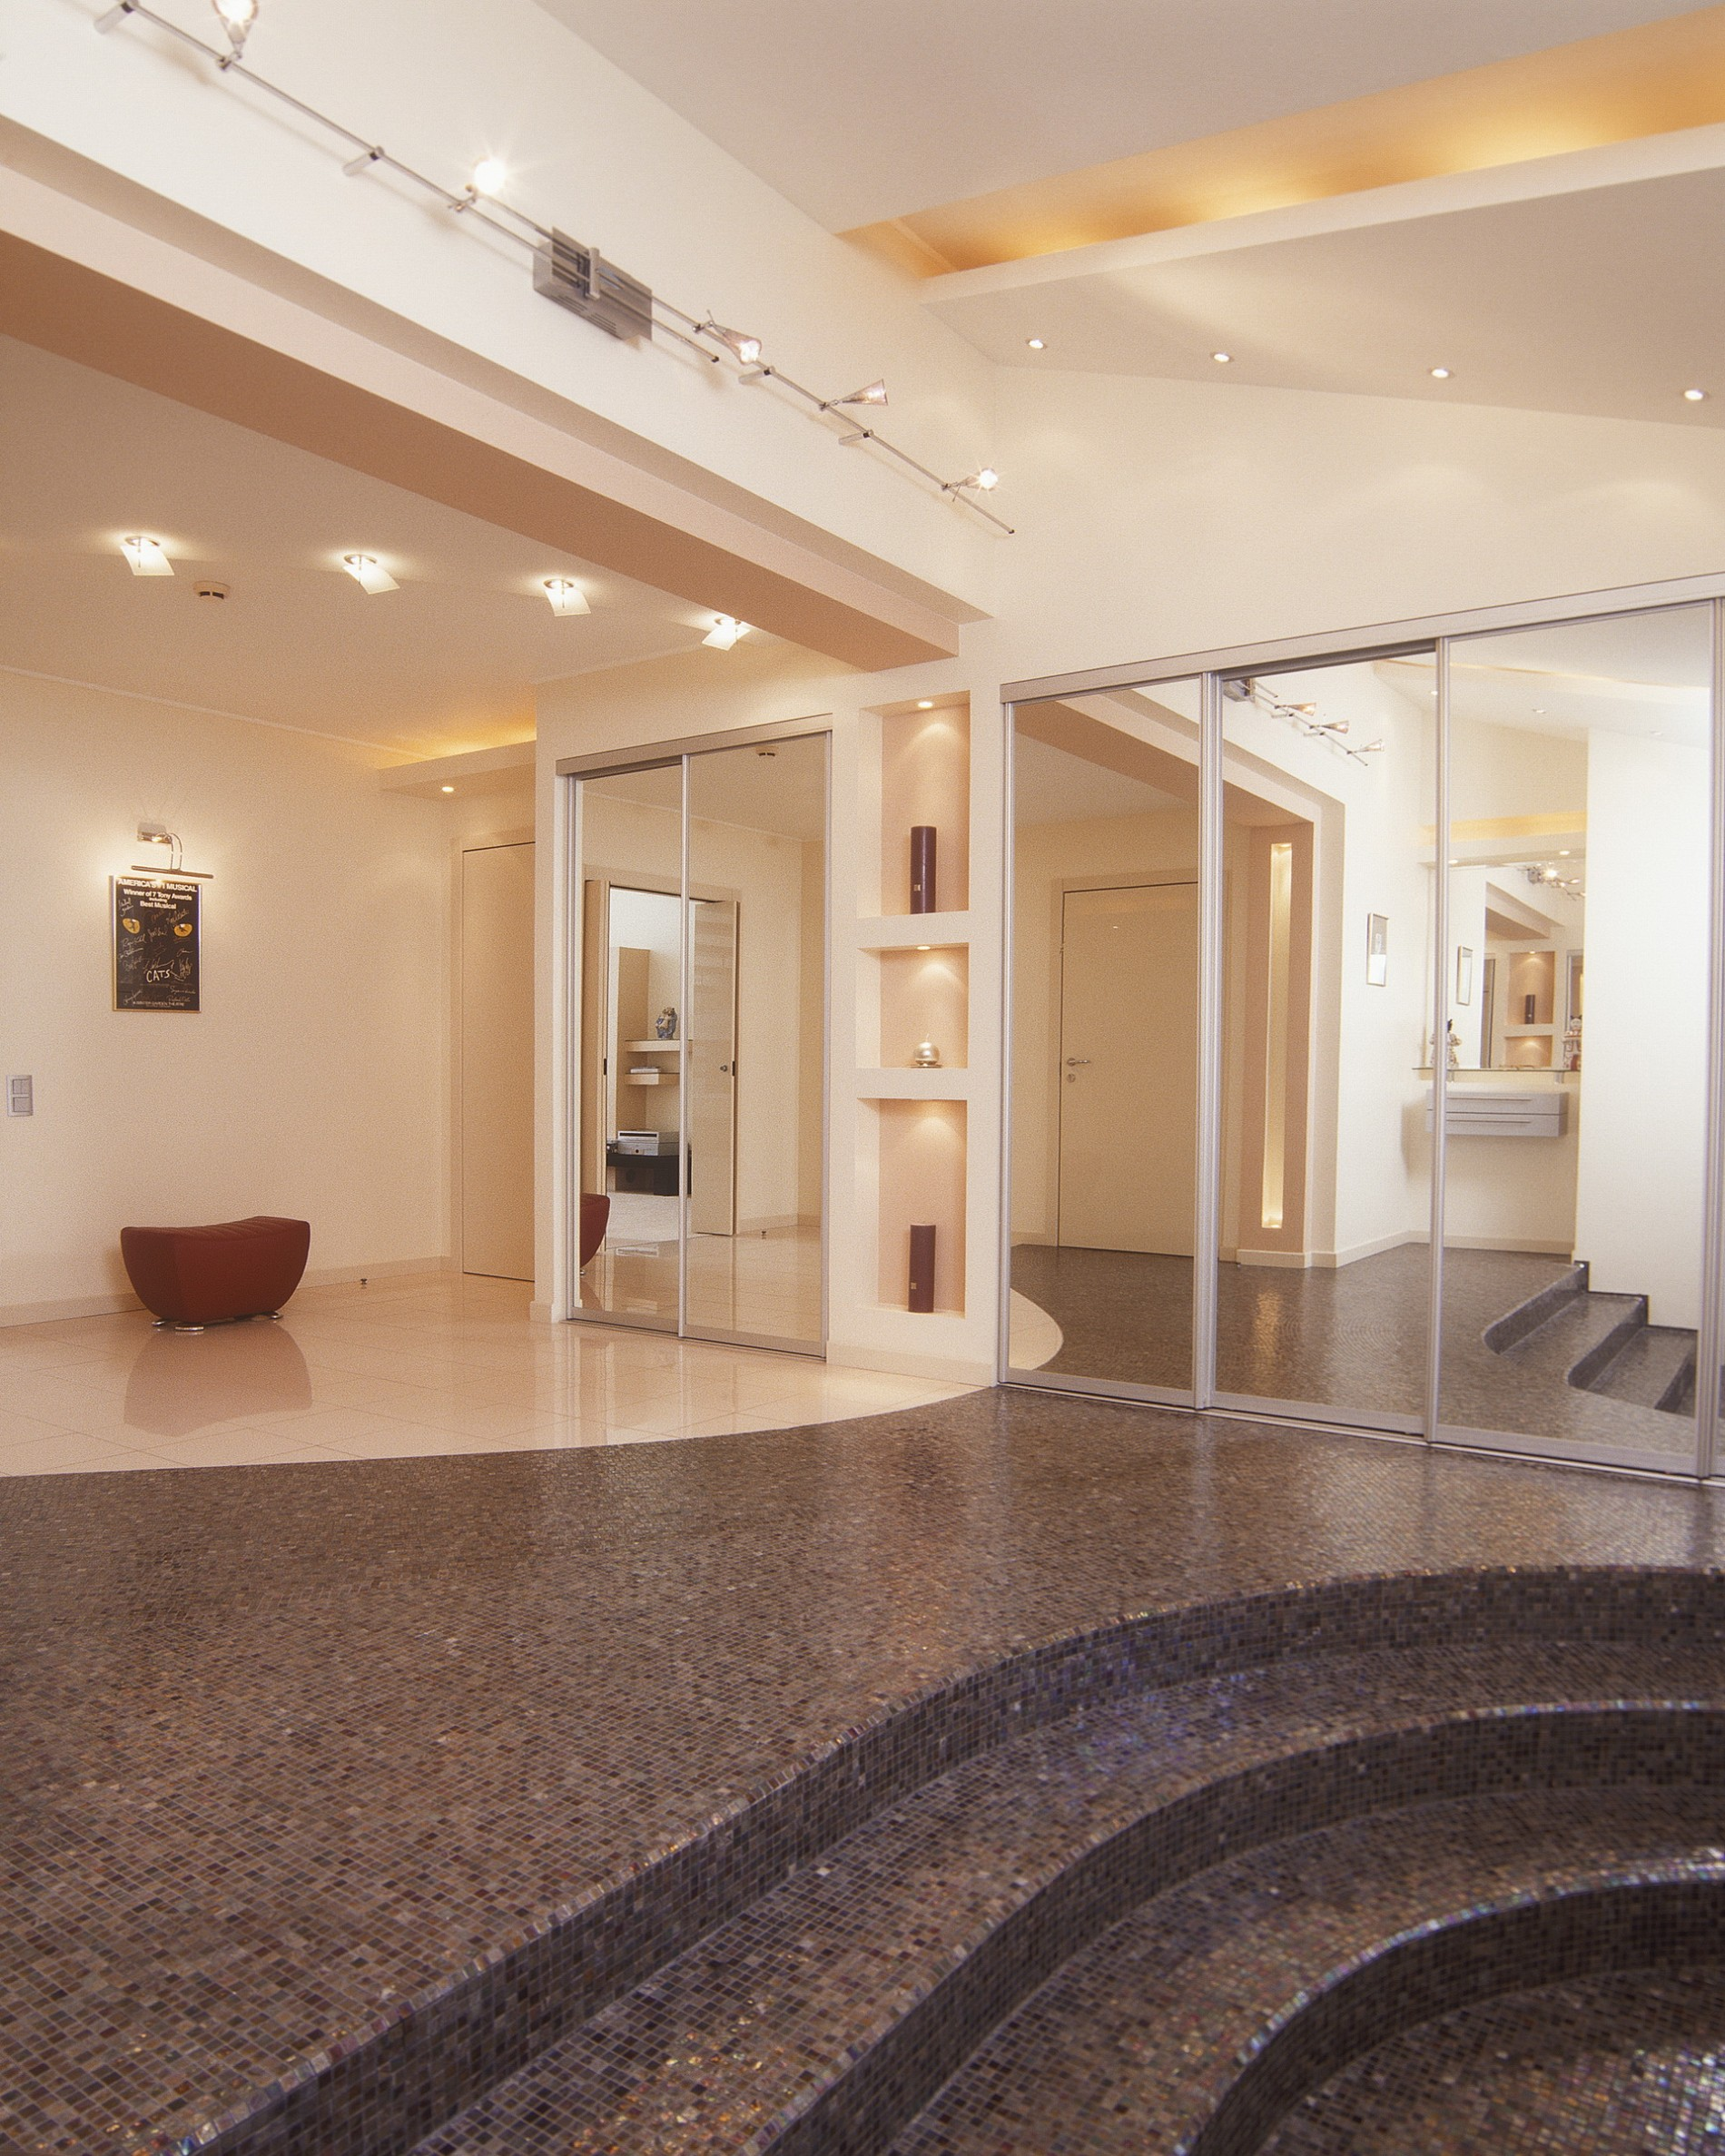 Разноуровневый потолок с интересным освещением в холле дома